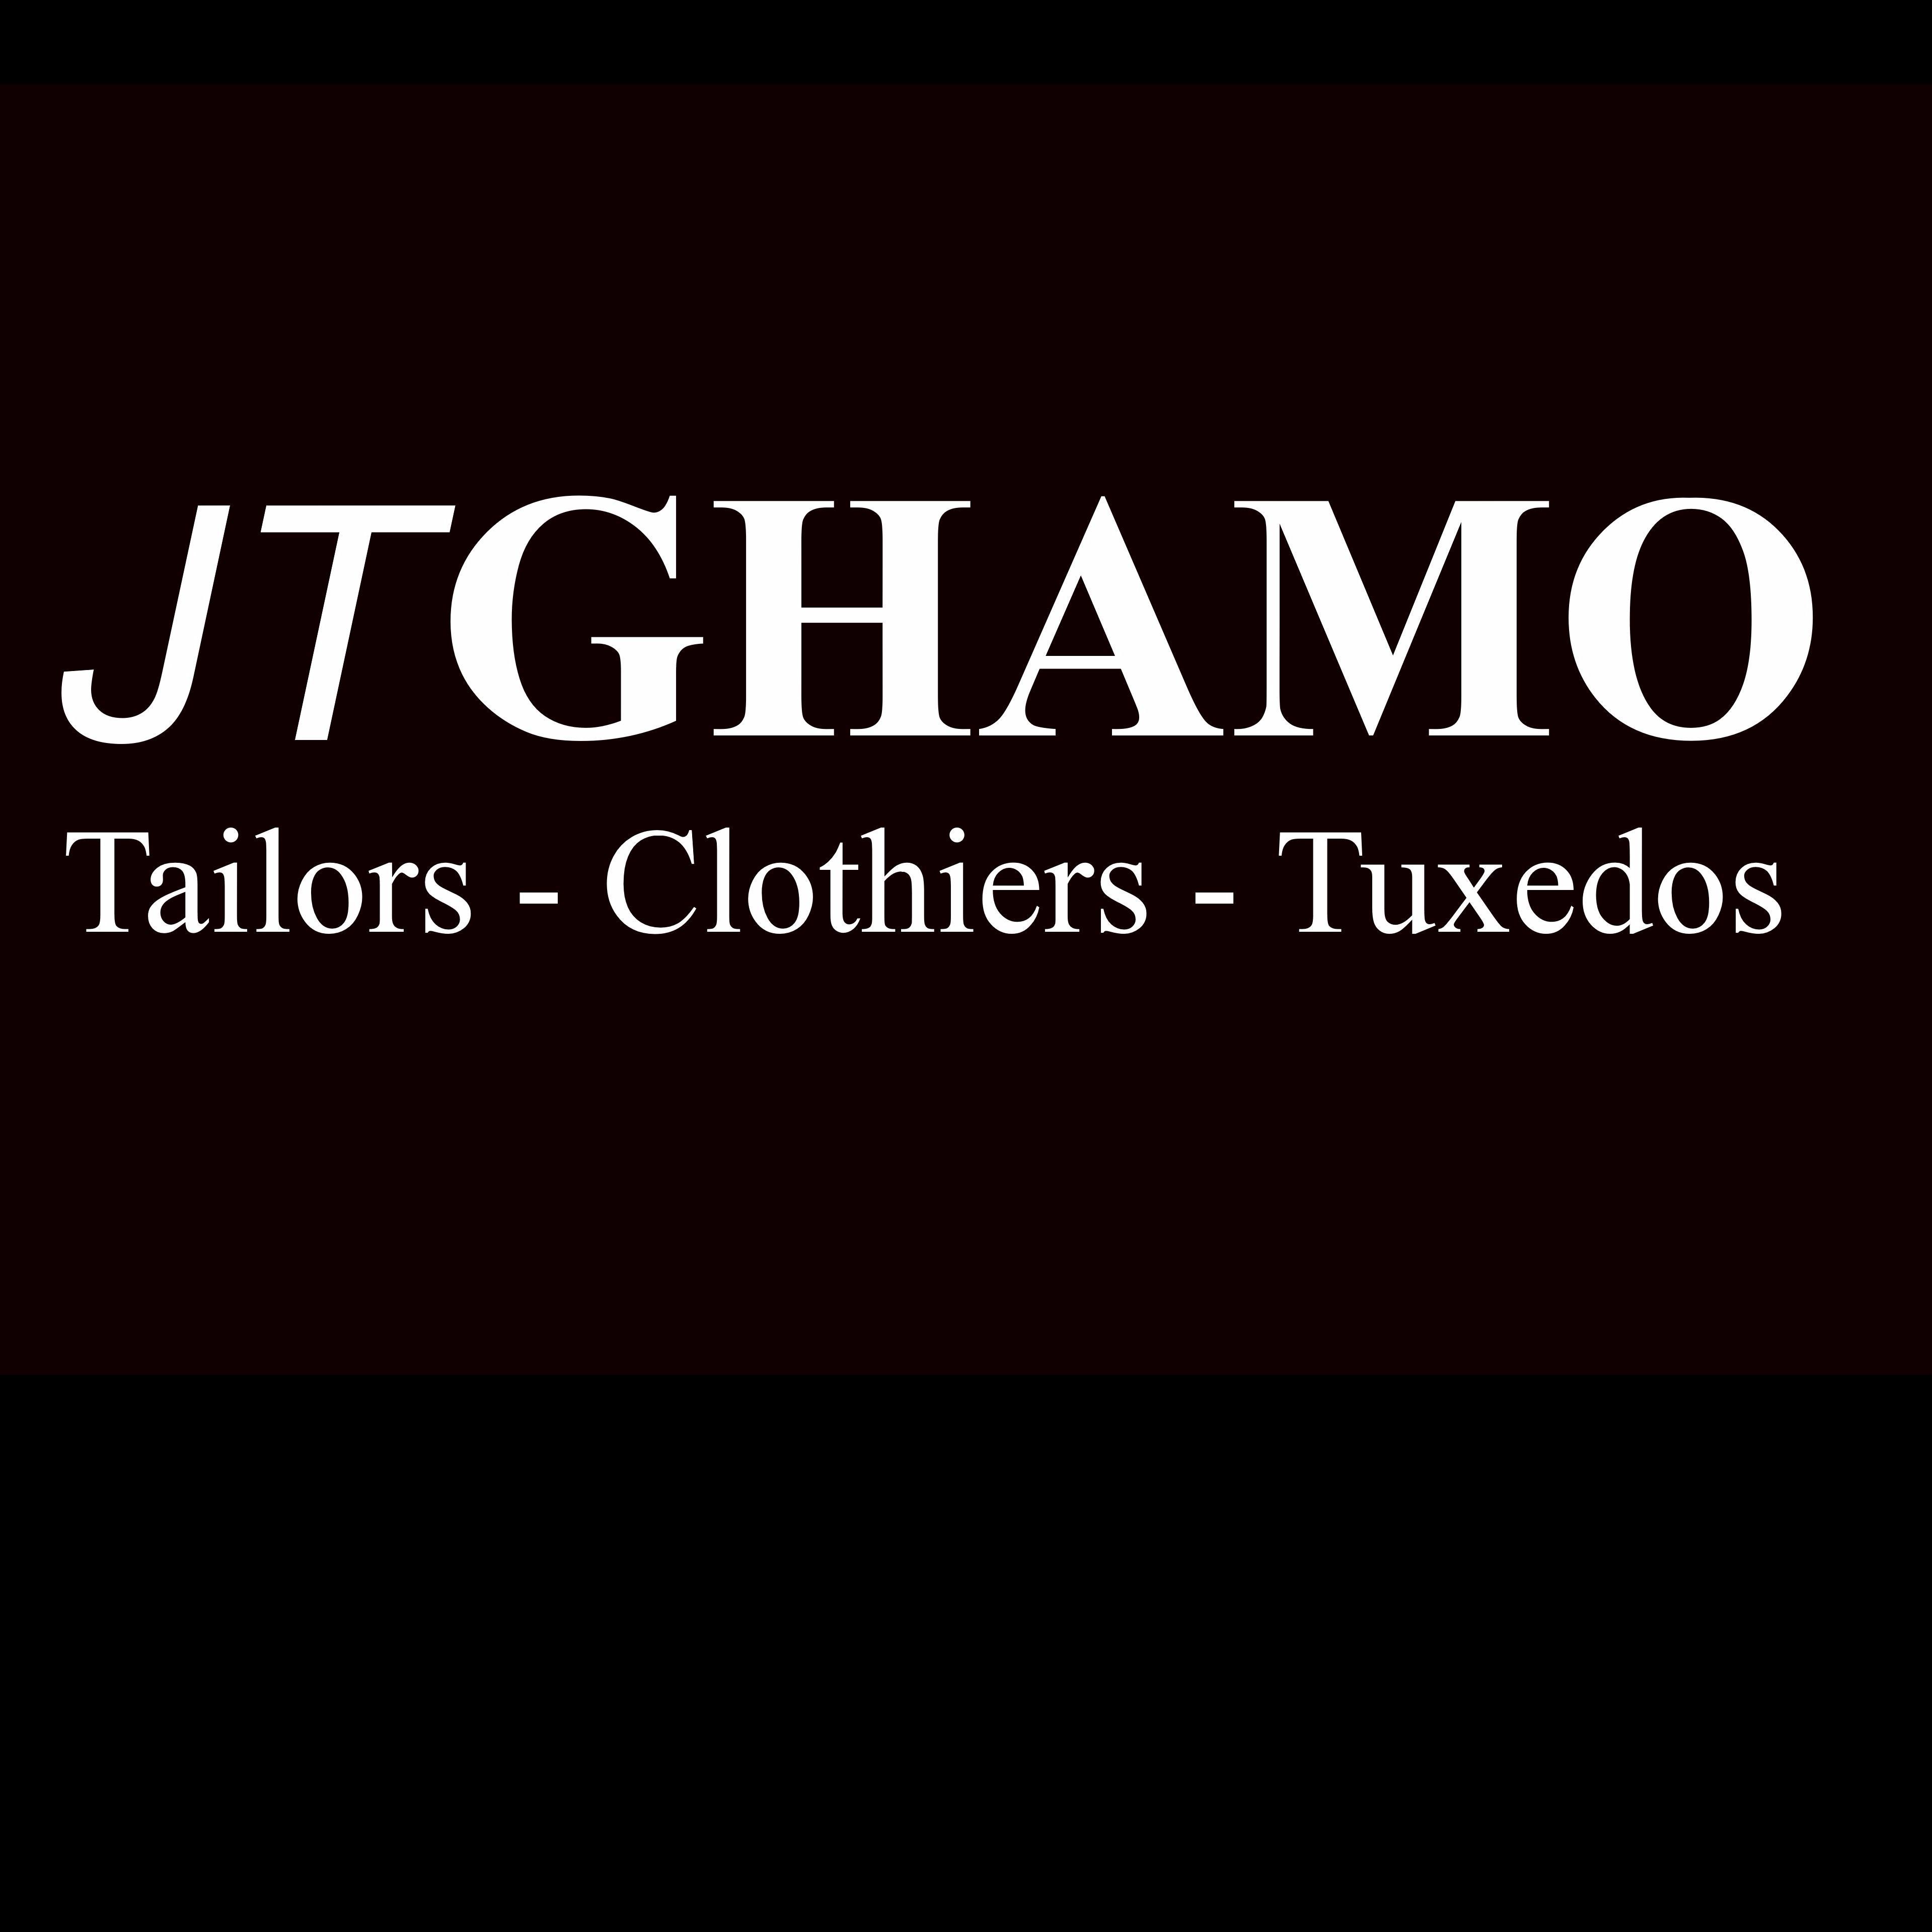 JT Ghamo